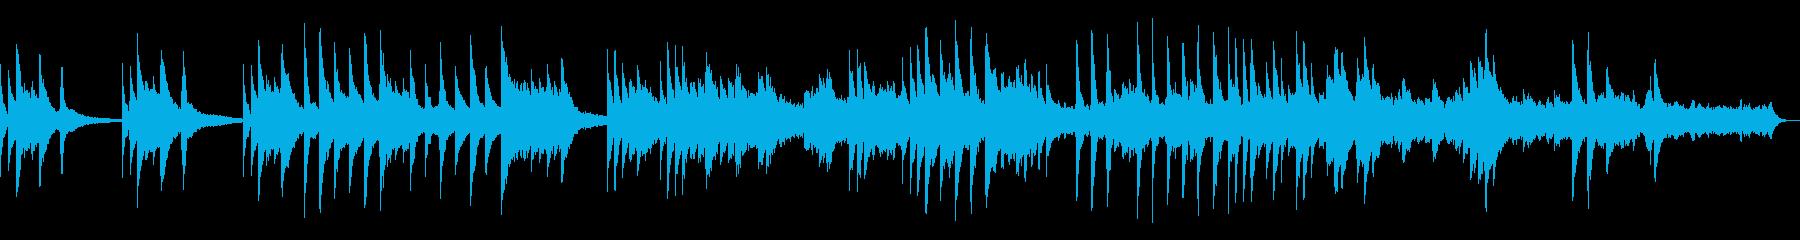 ピアノとストリングスの爽やかなBGMの再生済みの波形